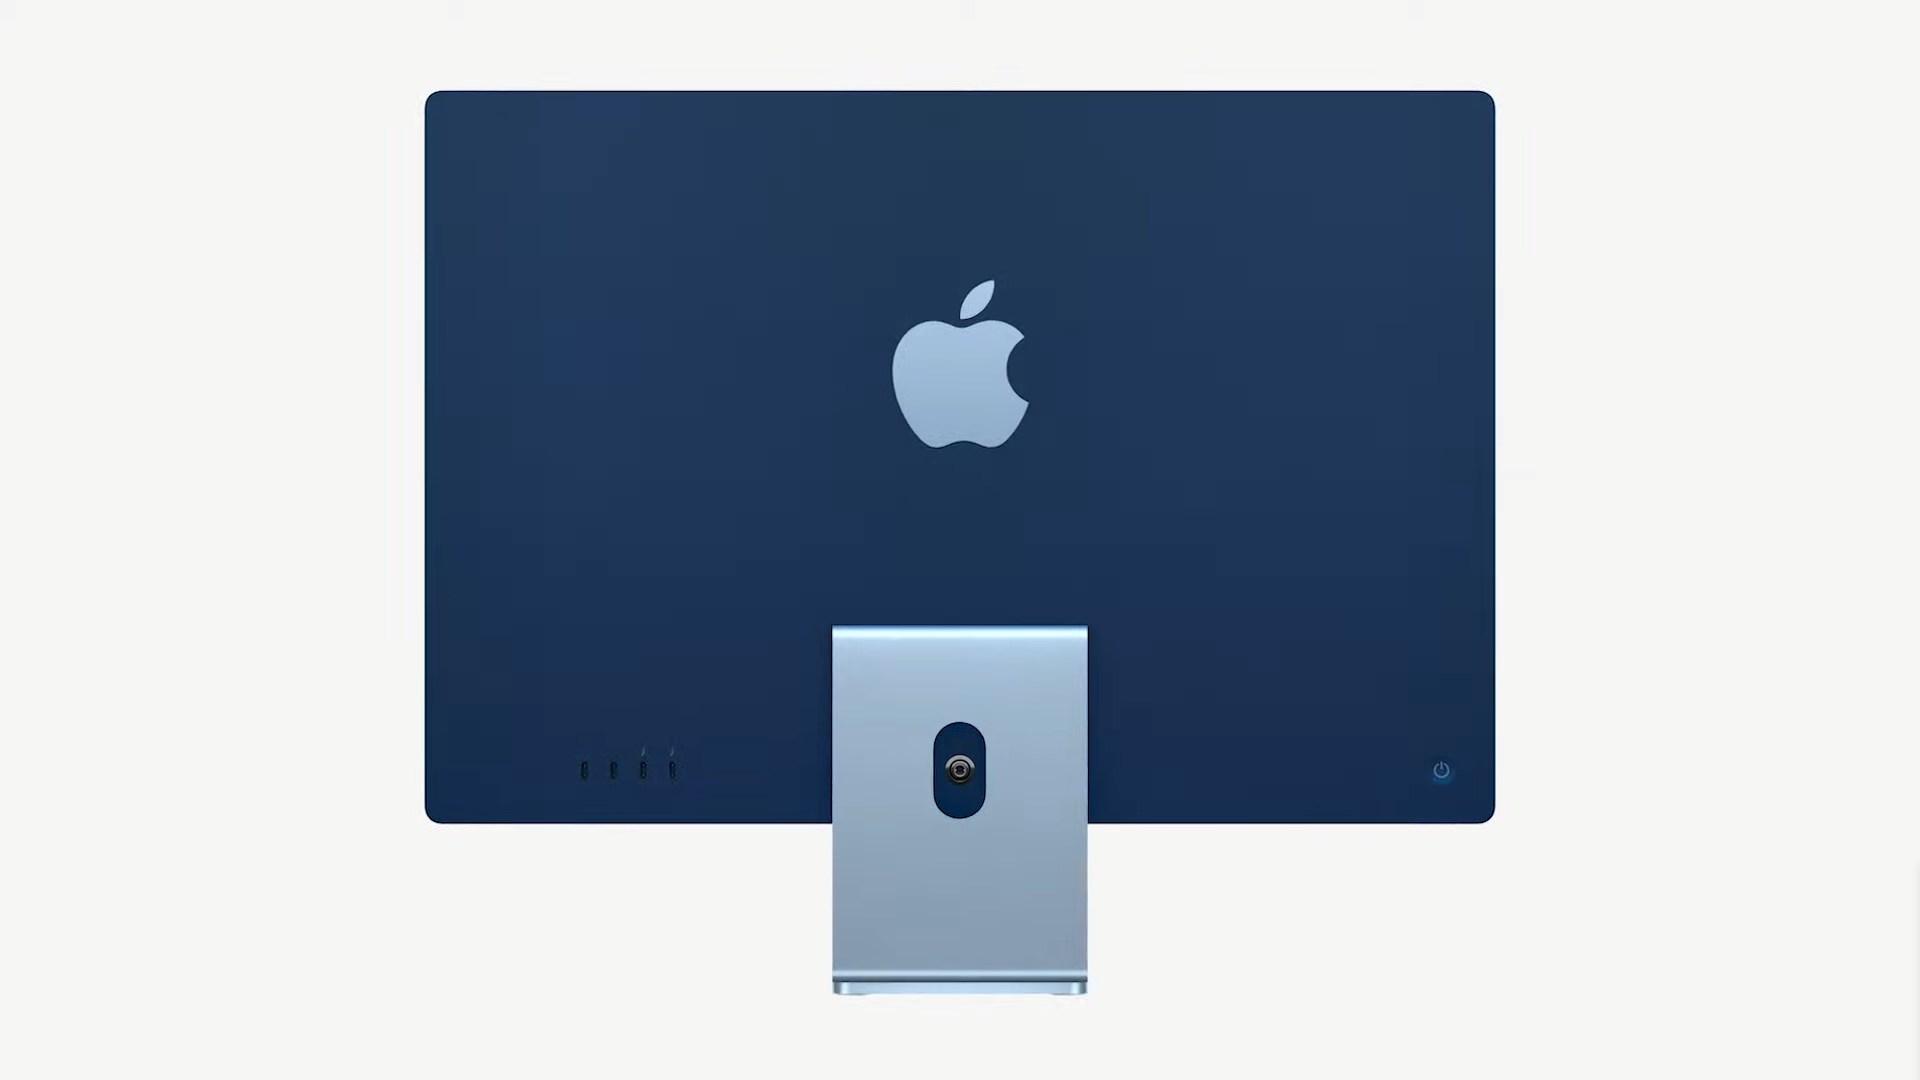 Überraschung gelungen: Apple hat den iMac mit M1-Chip ...